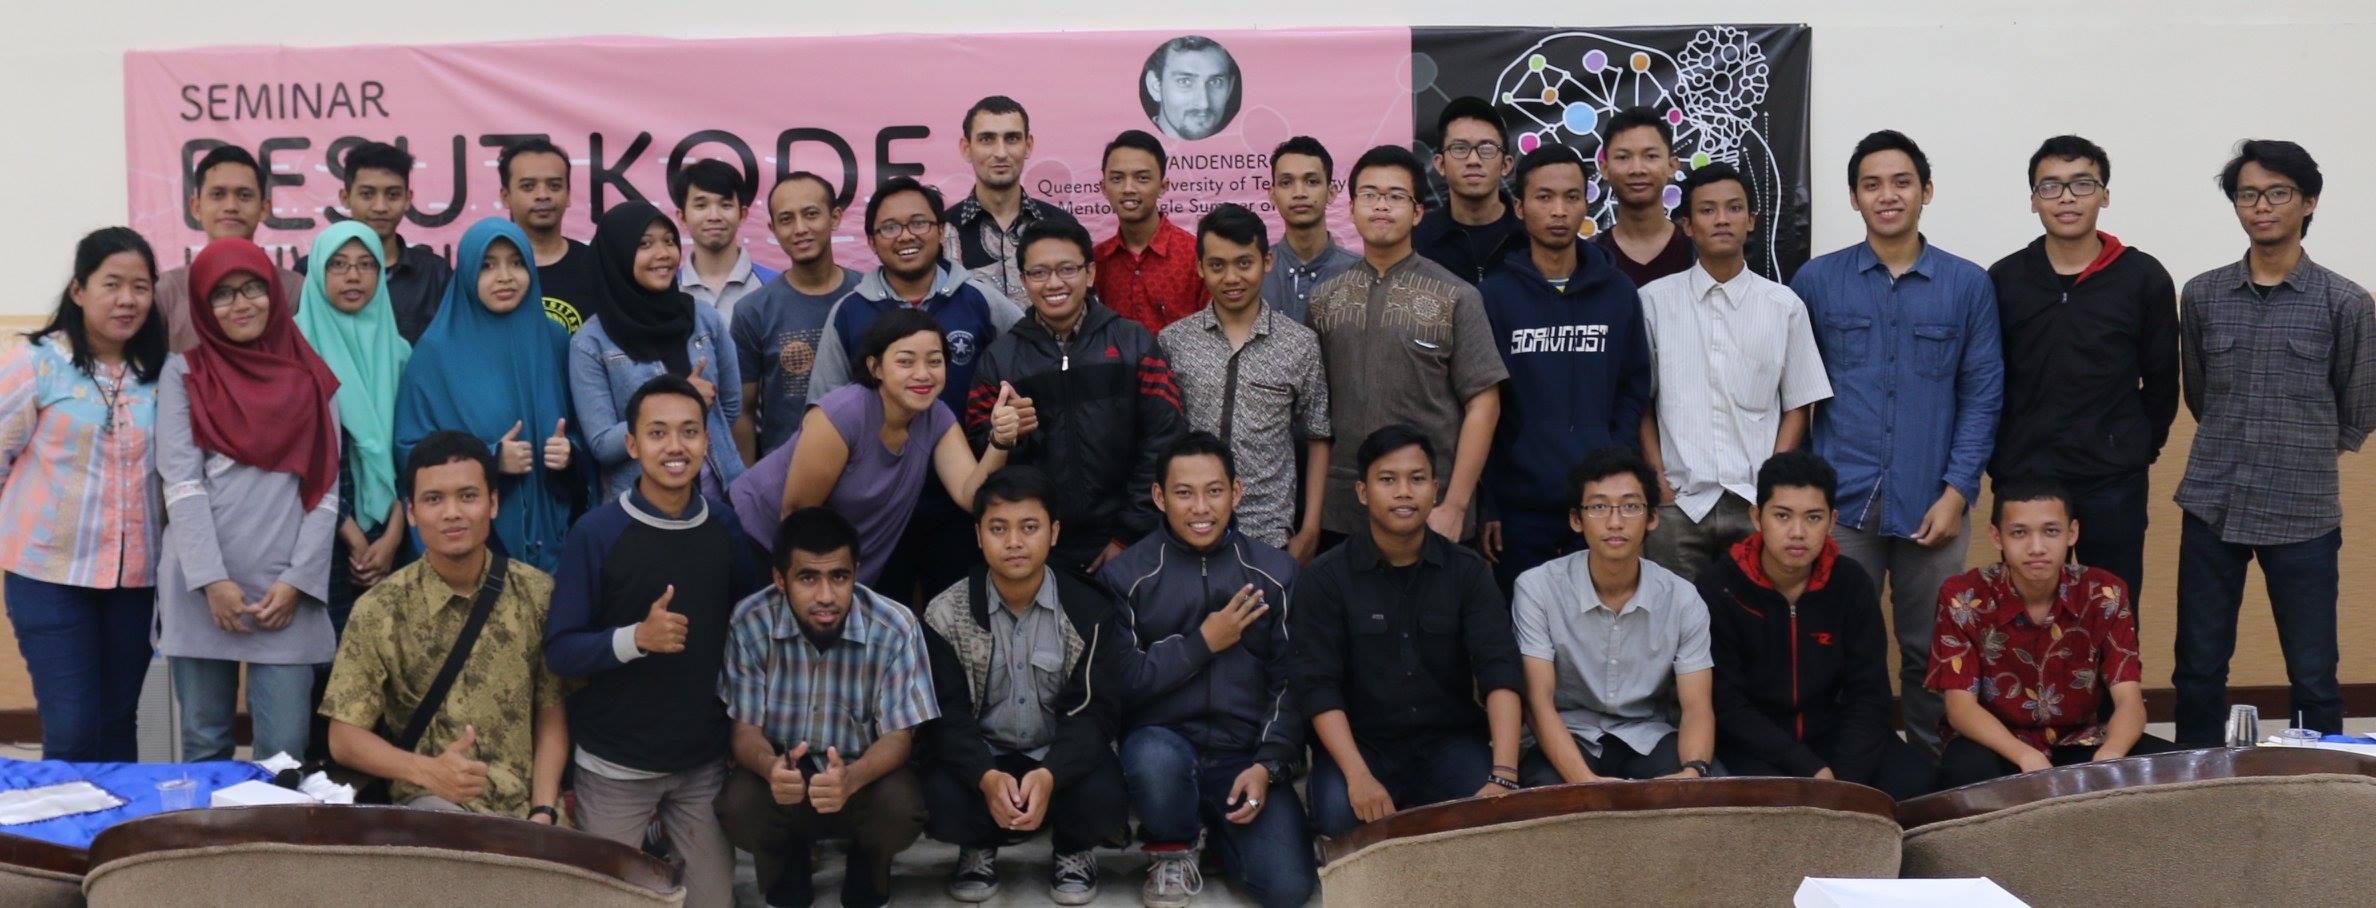 Sosialisasi Besut Kode Universitas di Malang